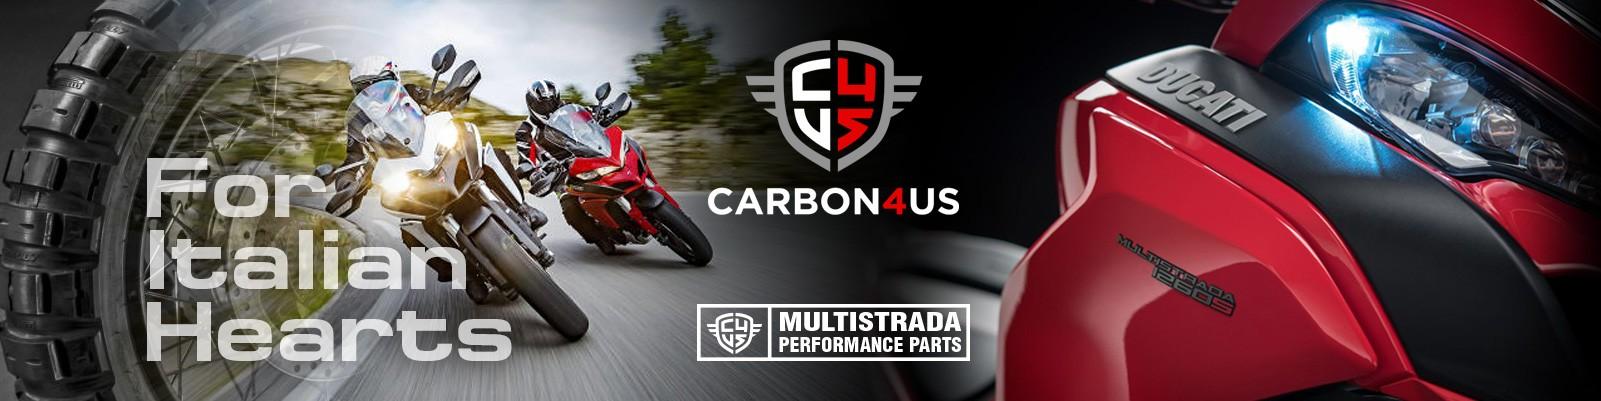 Ducati Carbon4us